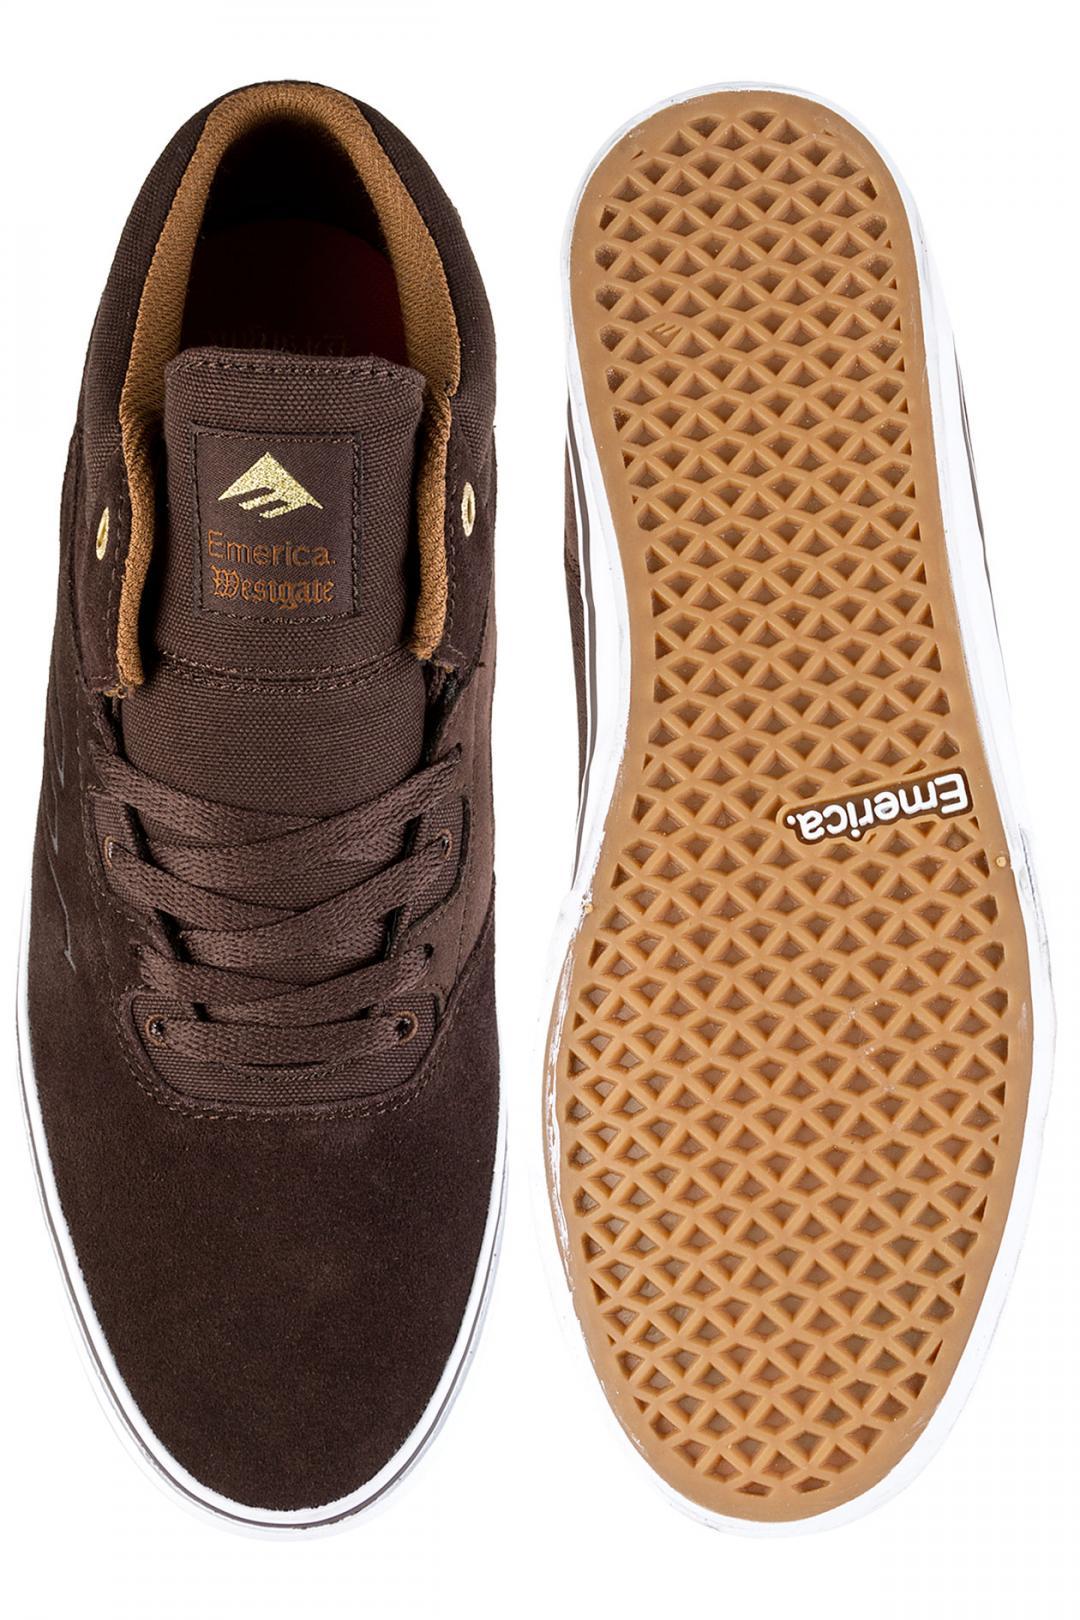 Uomo Emerica Westgate Mid Vulc dark brown | Sneakers mid top